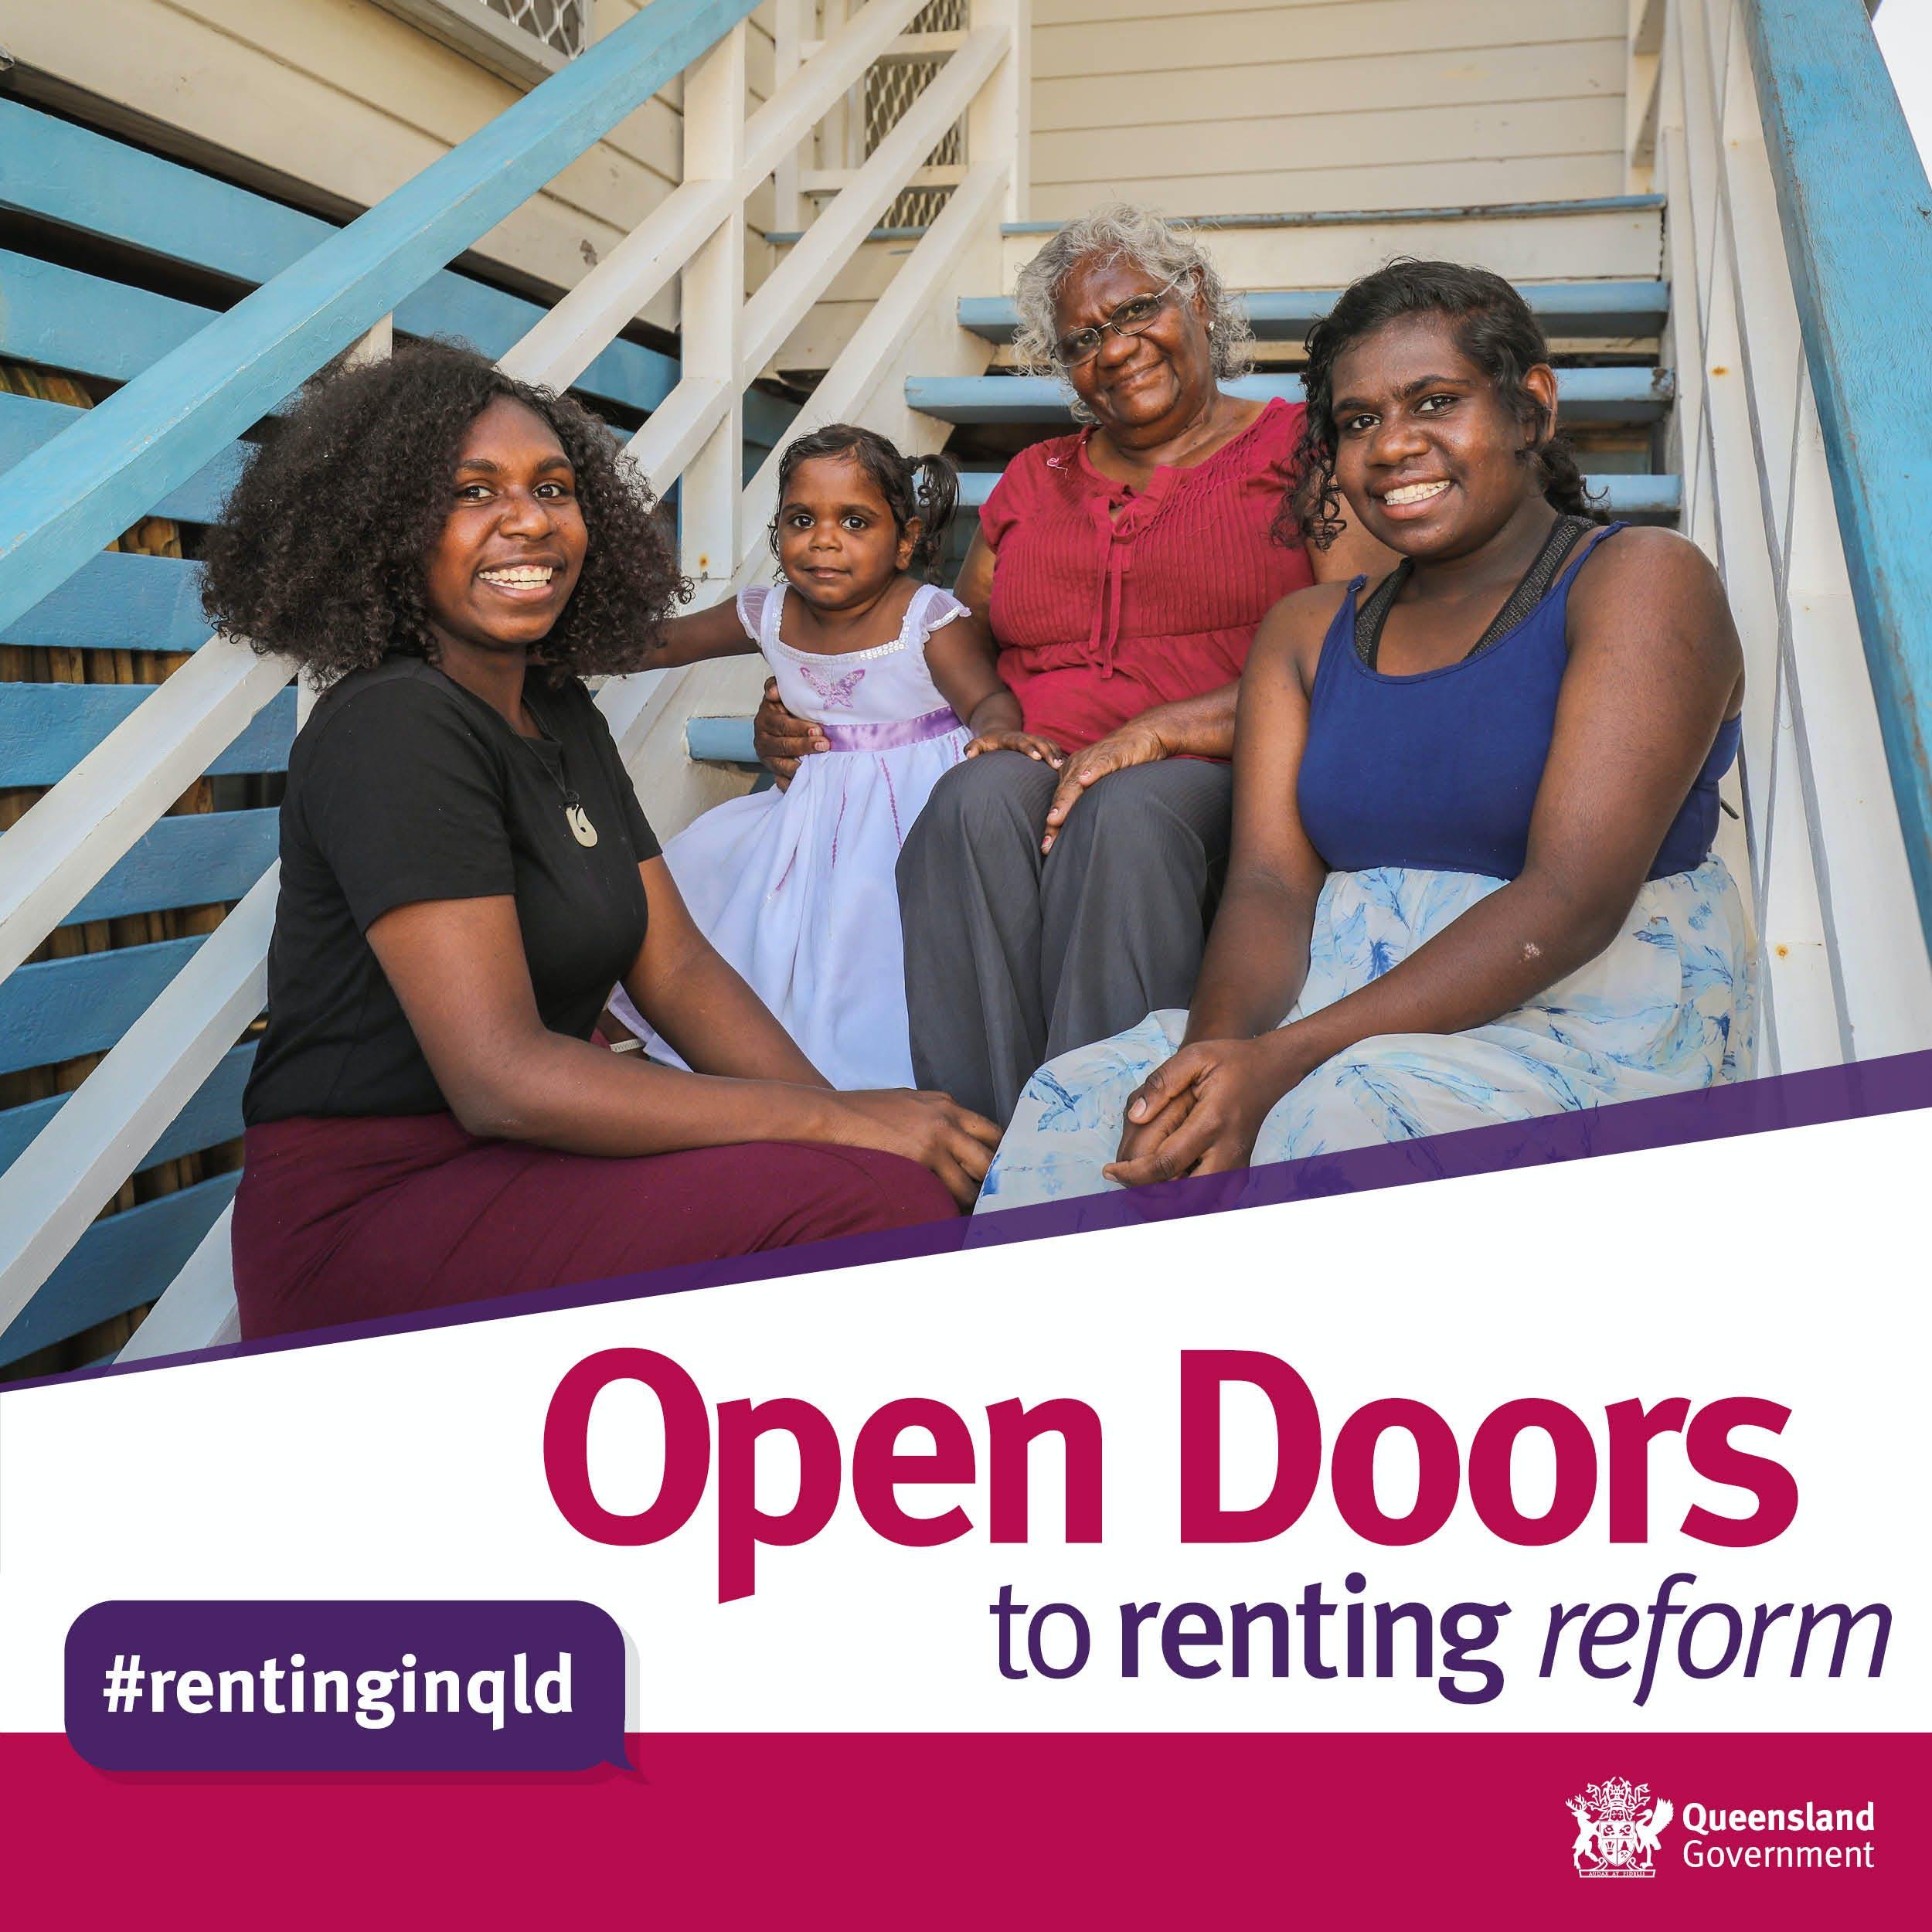 Open Doors to Renting Reform